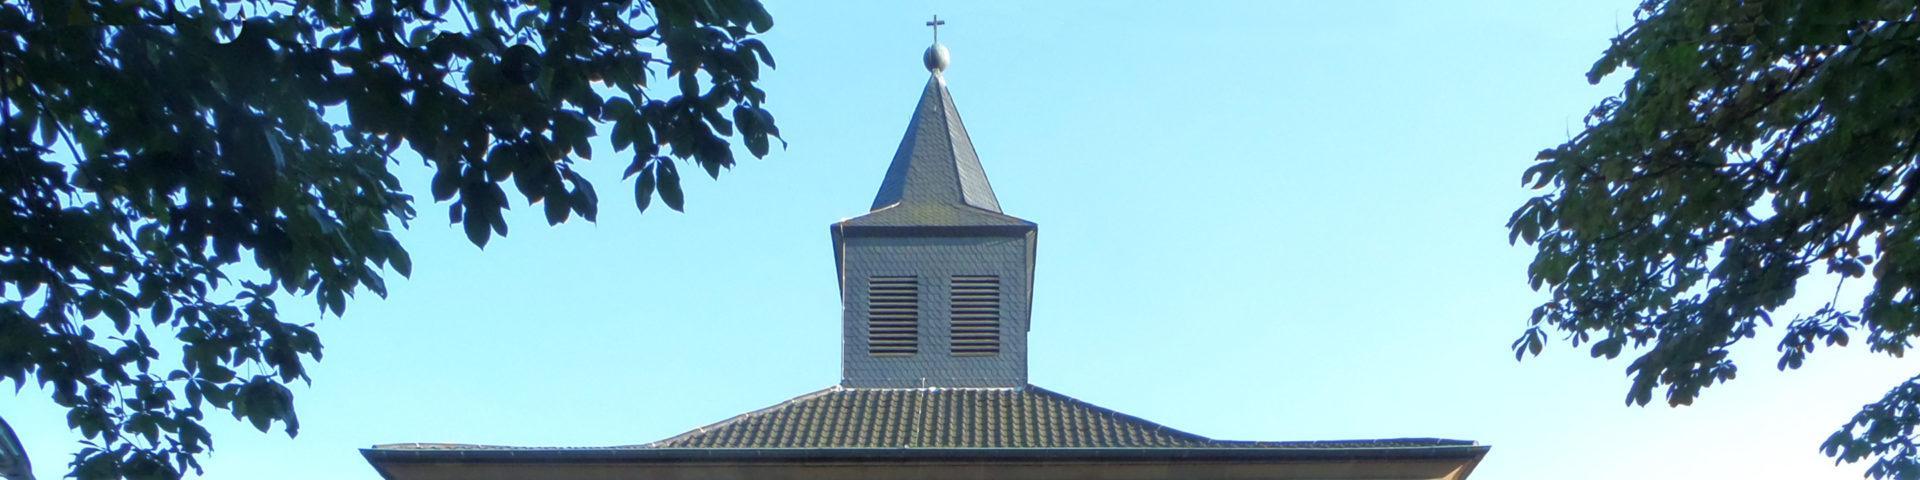 Lutherkirche von Norden aufgenommen